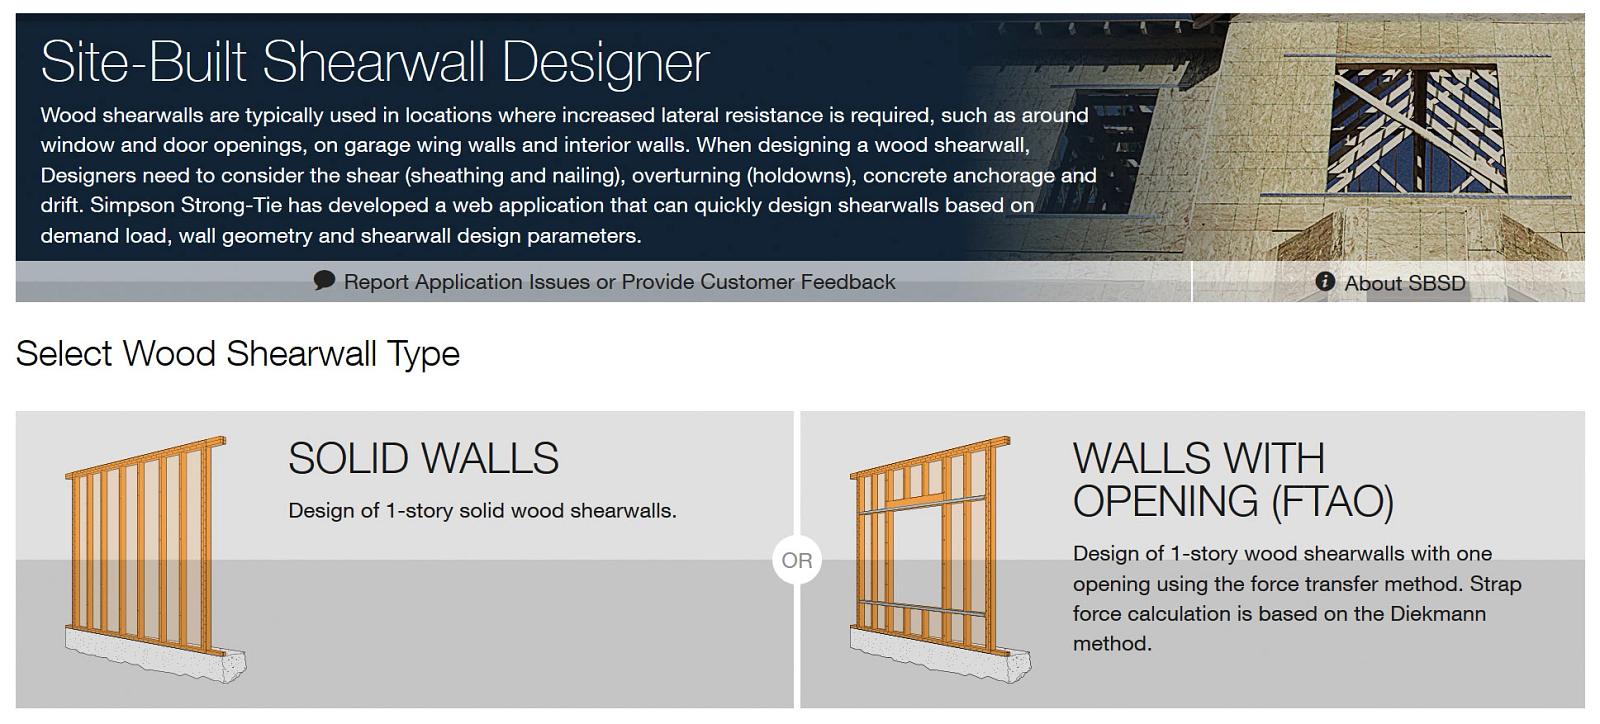 Site-Built Shearwall Designer